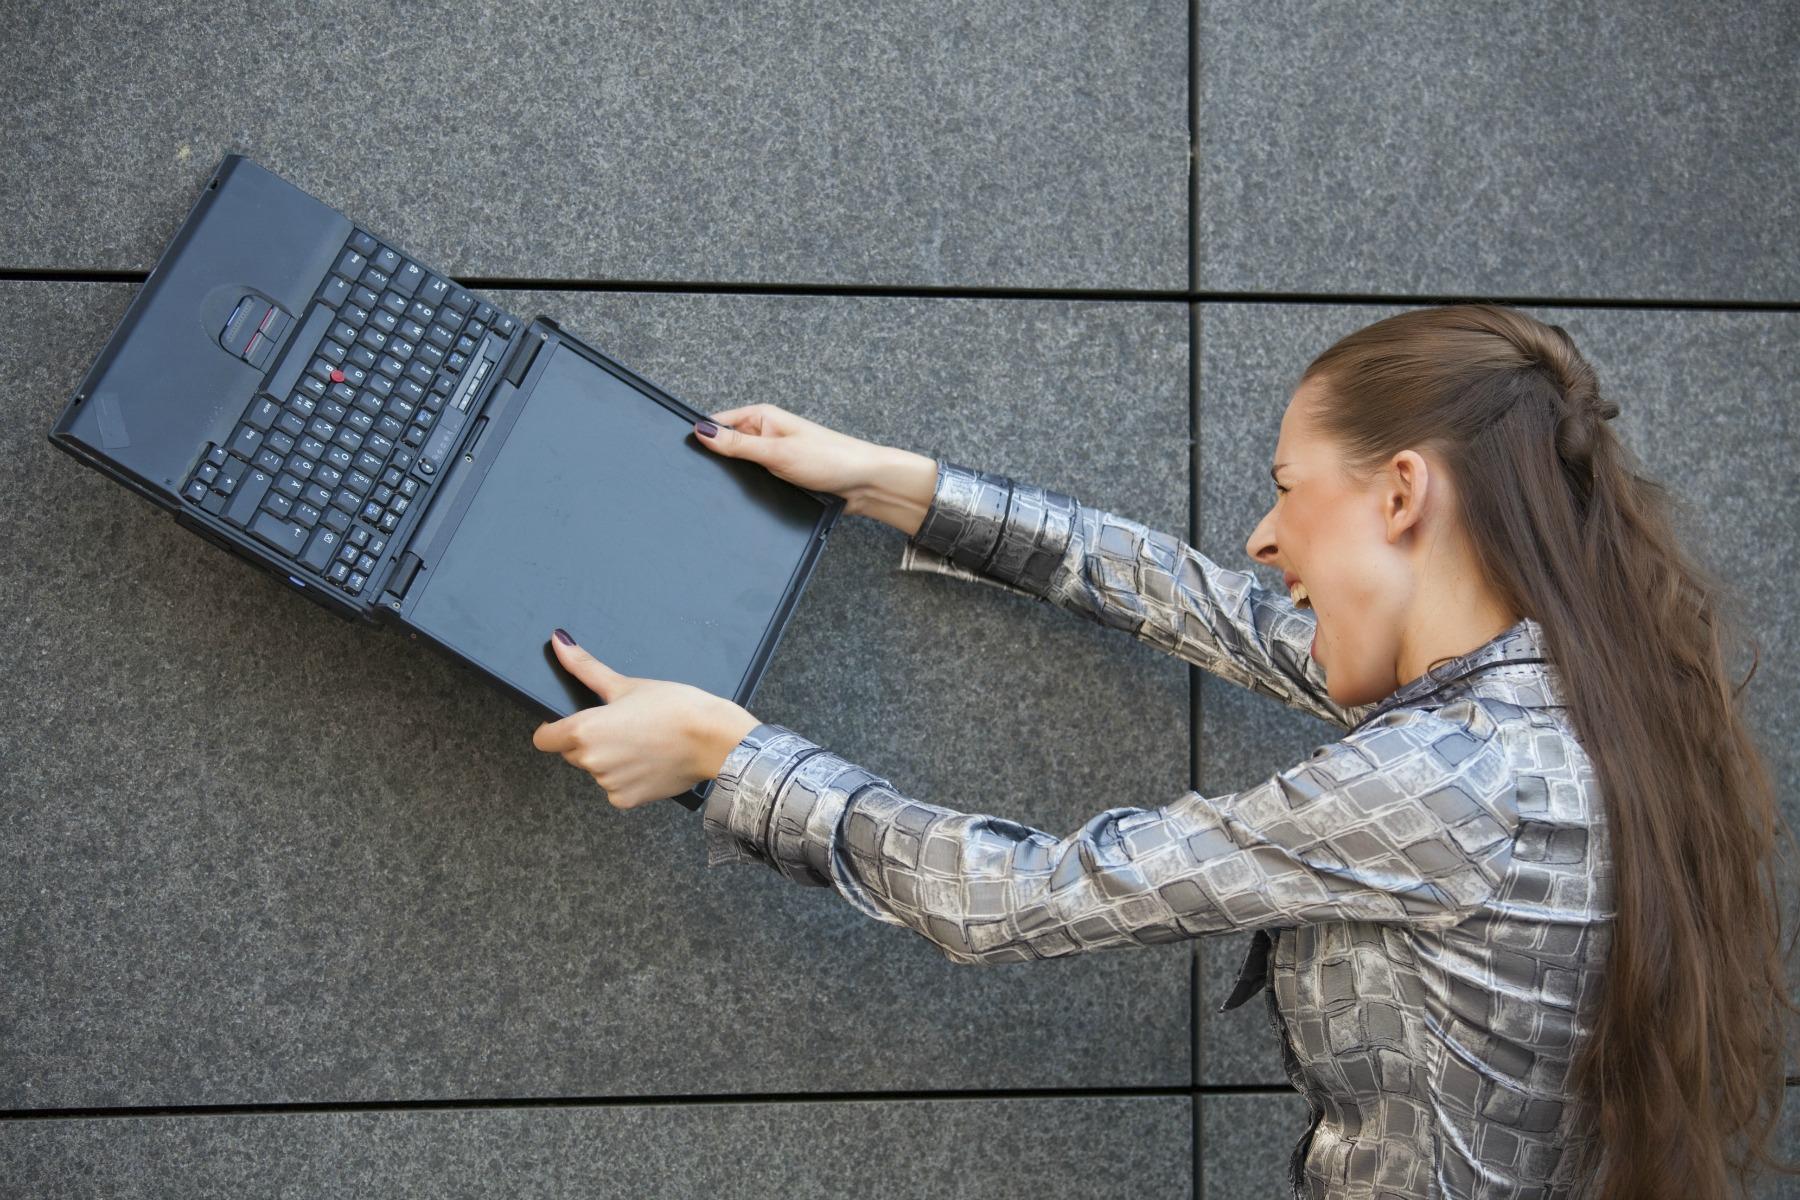 kvinde smadrer computer, bærbar, vred, gal, langsom computer